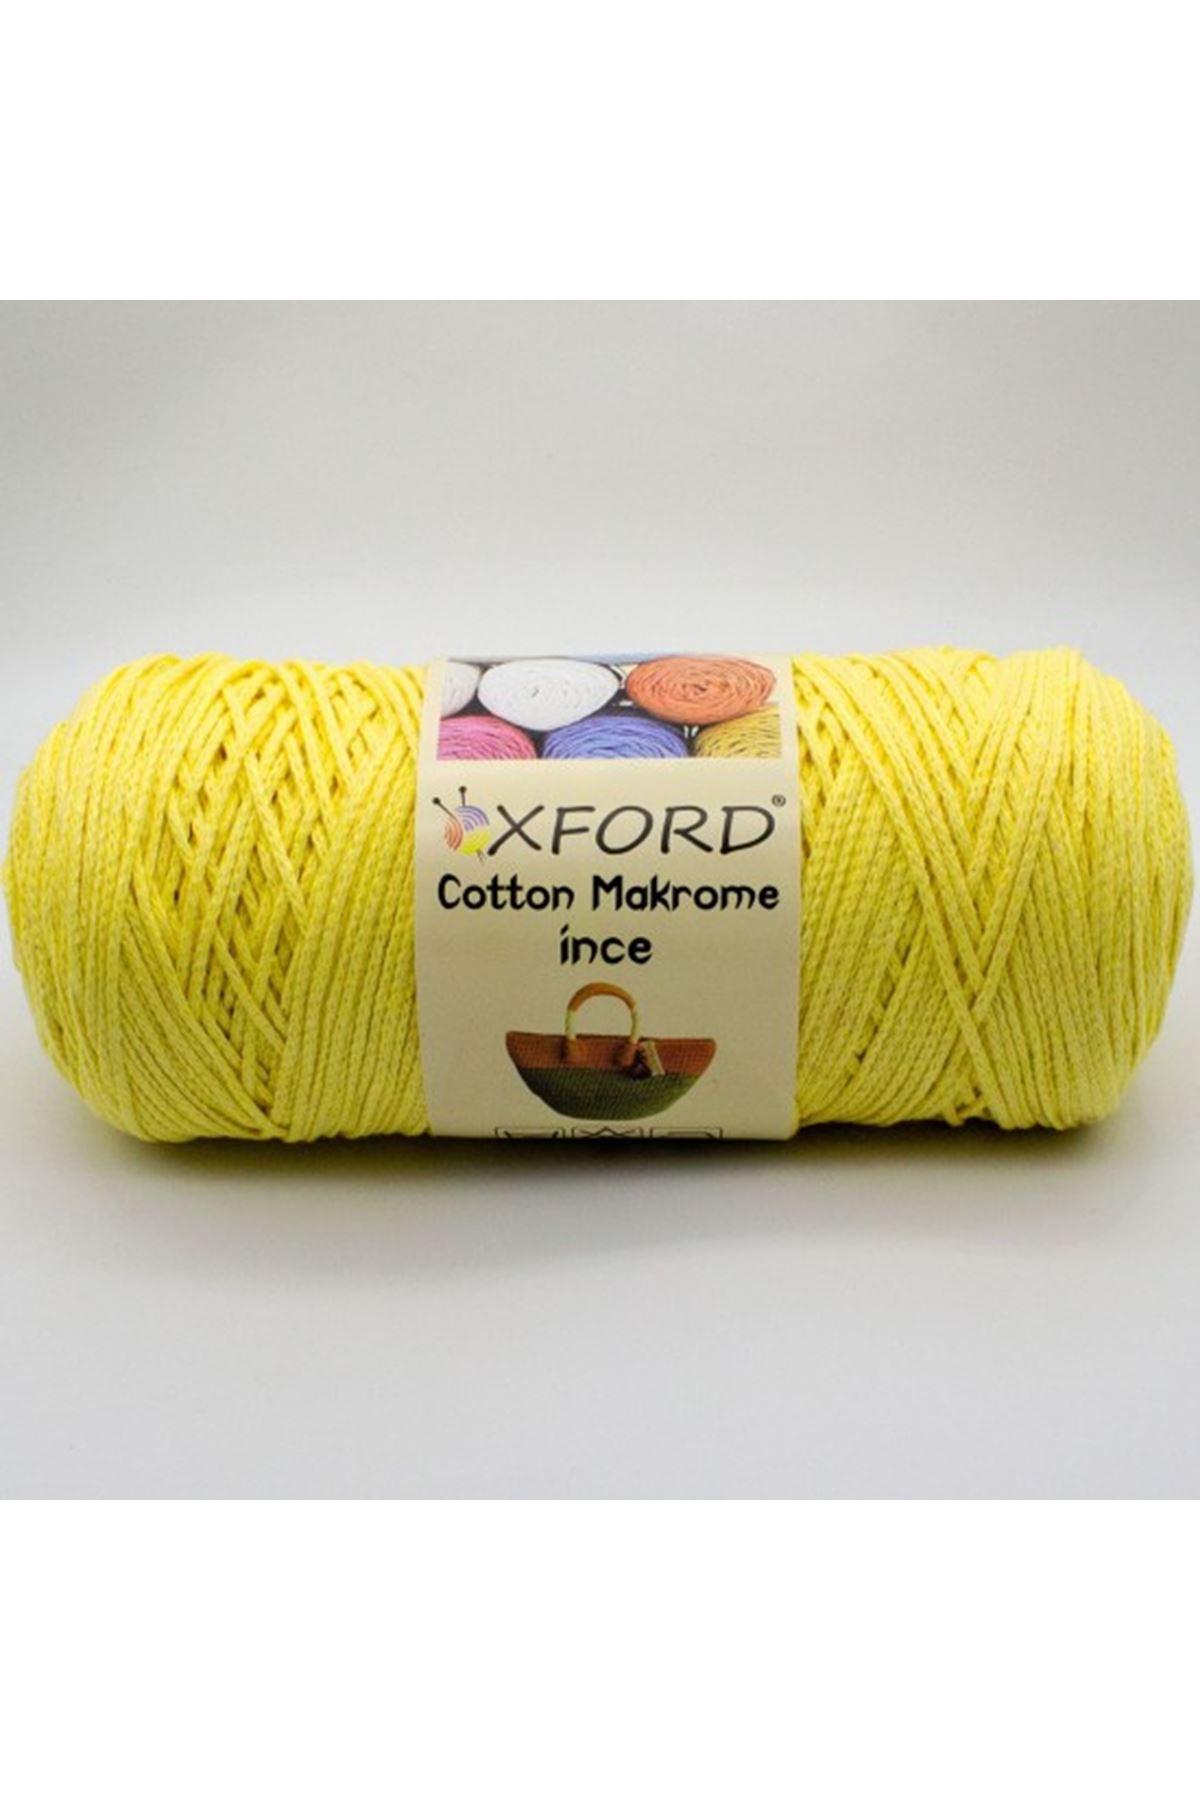 Cotton Makrome İnce - 15570 - Açık Sarı